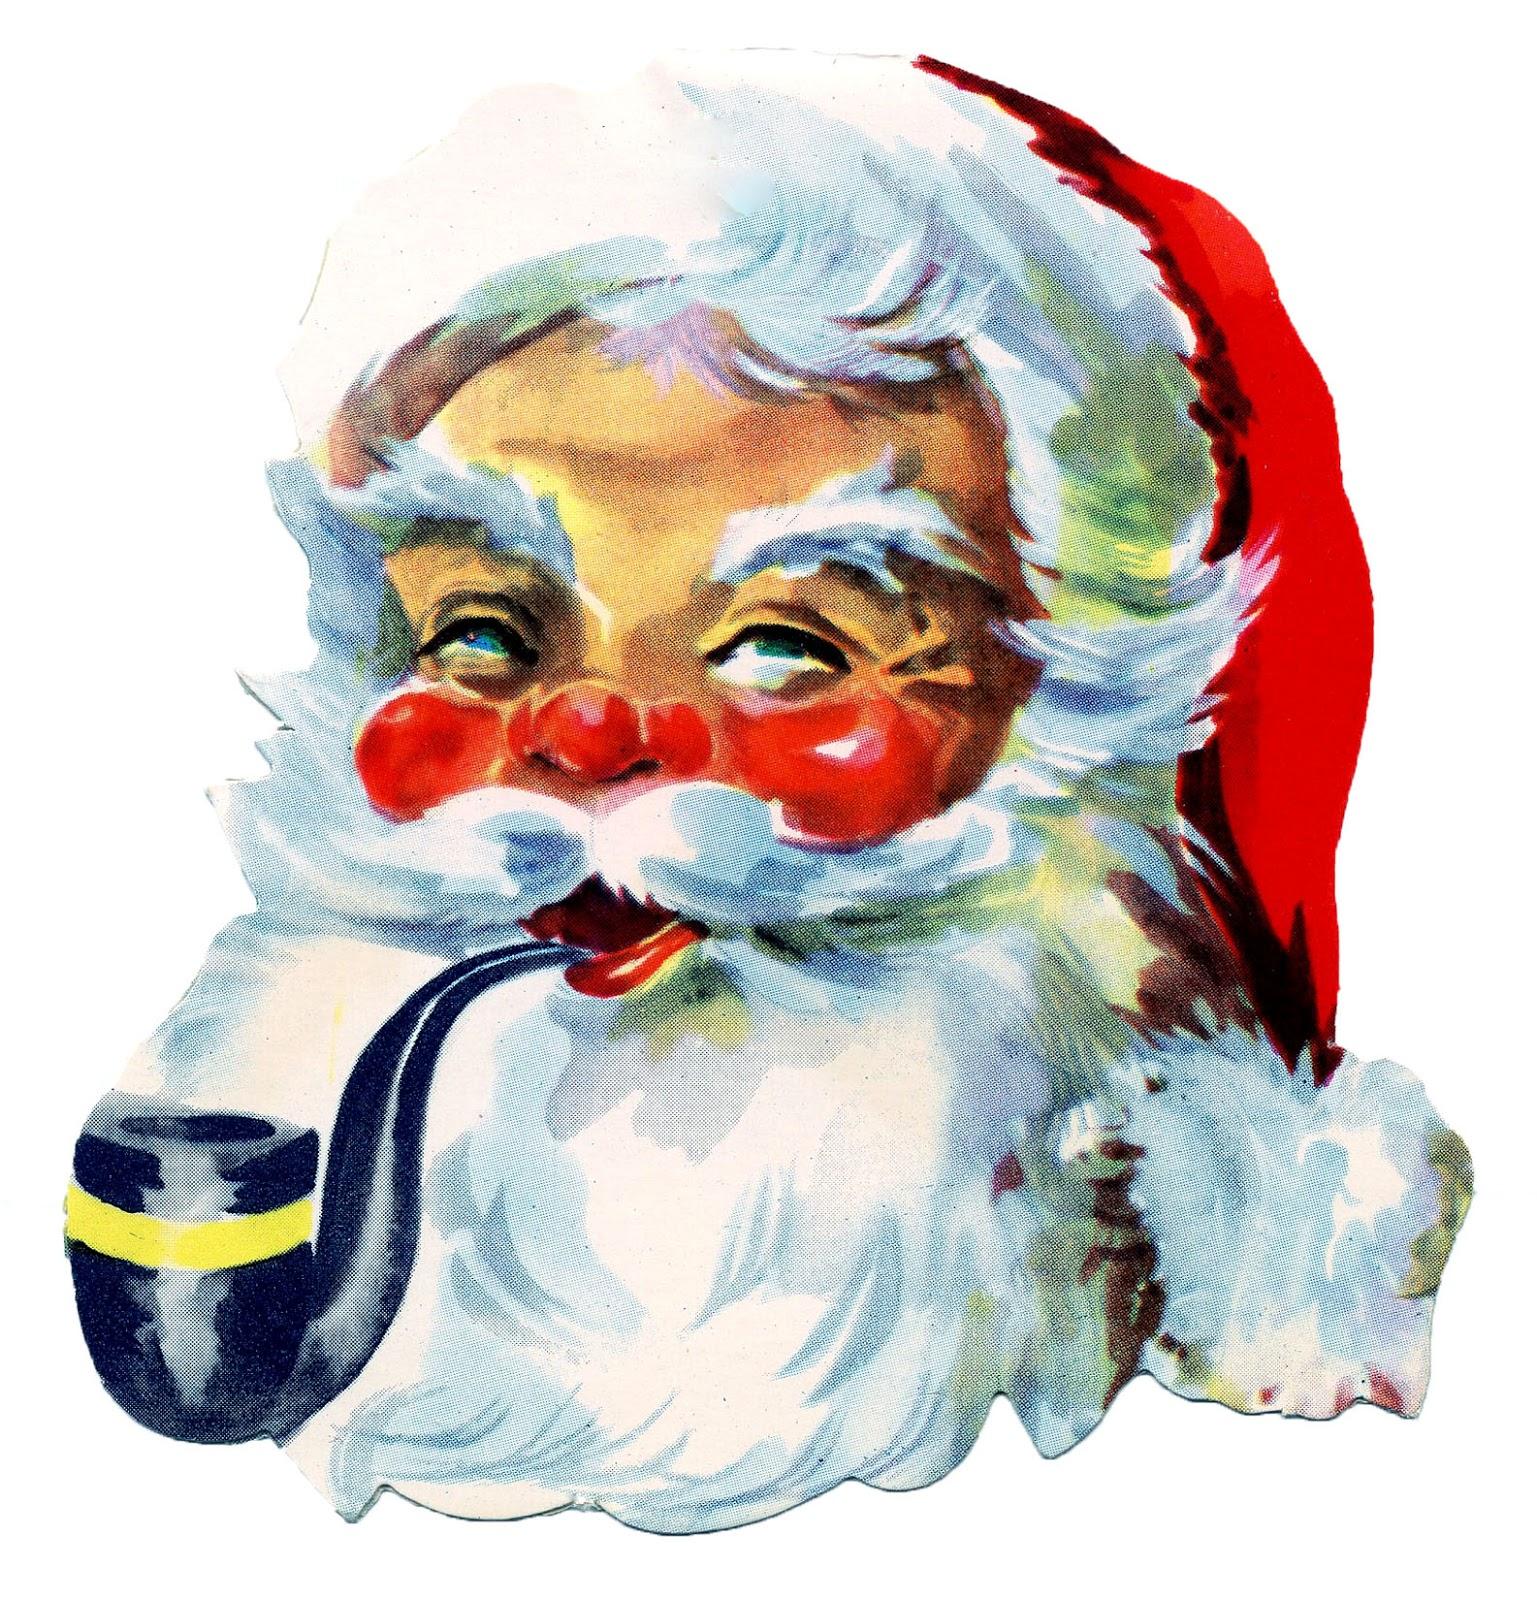 Santa clipart smoking #2